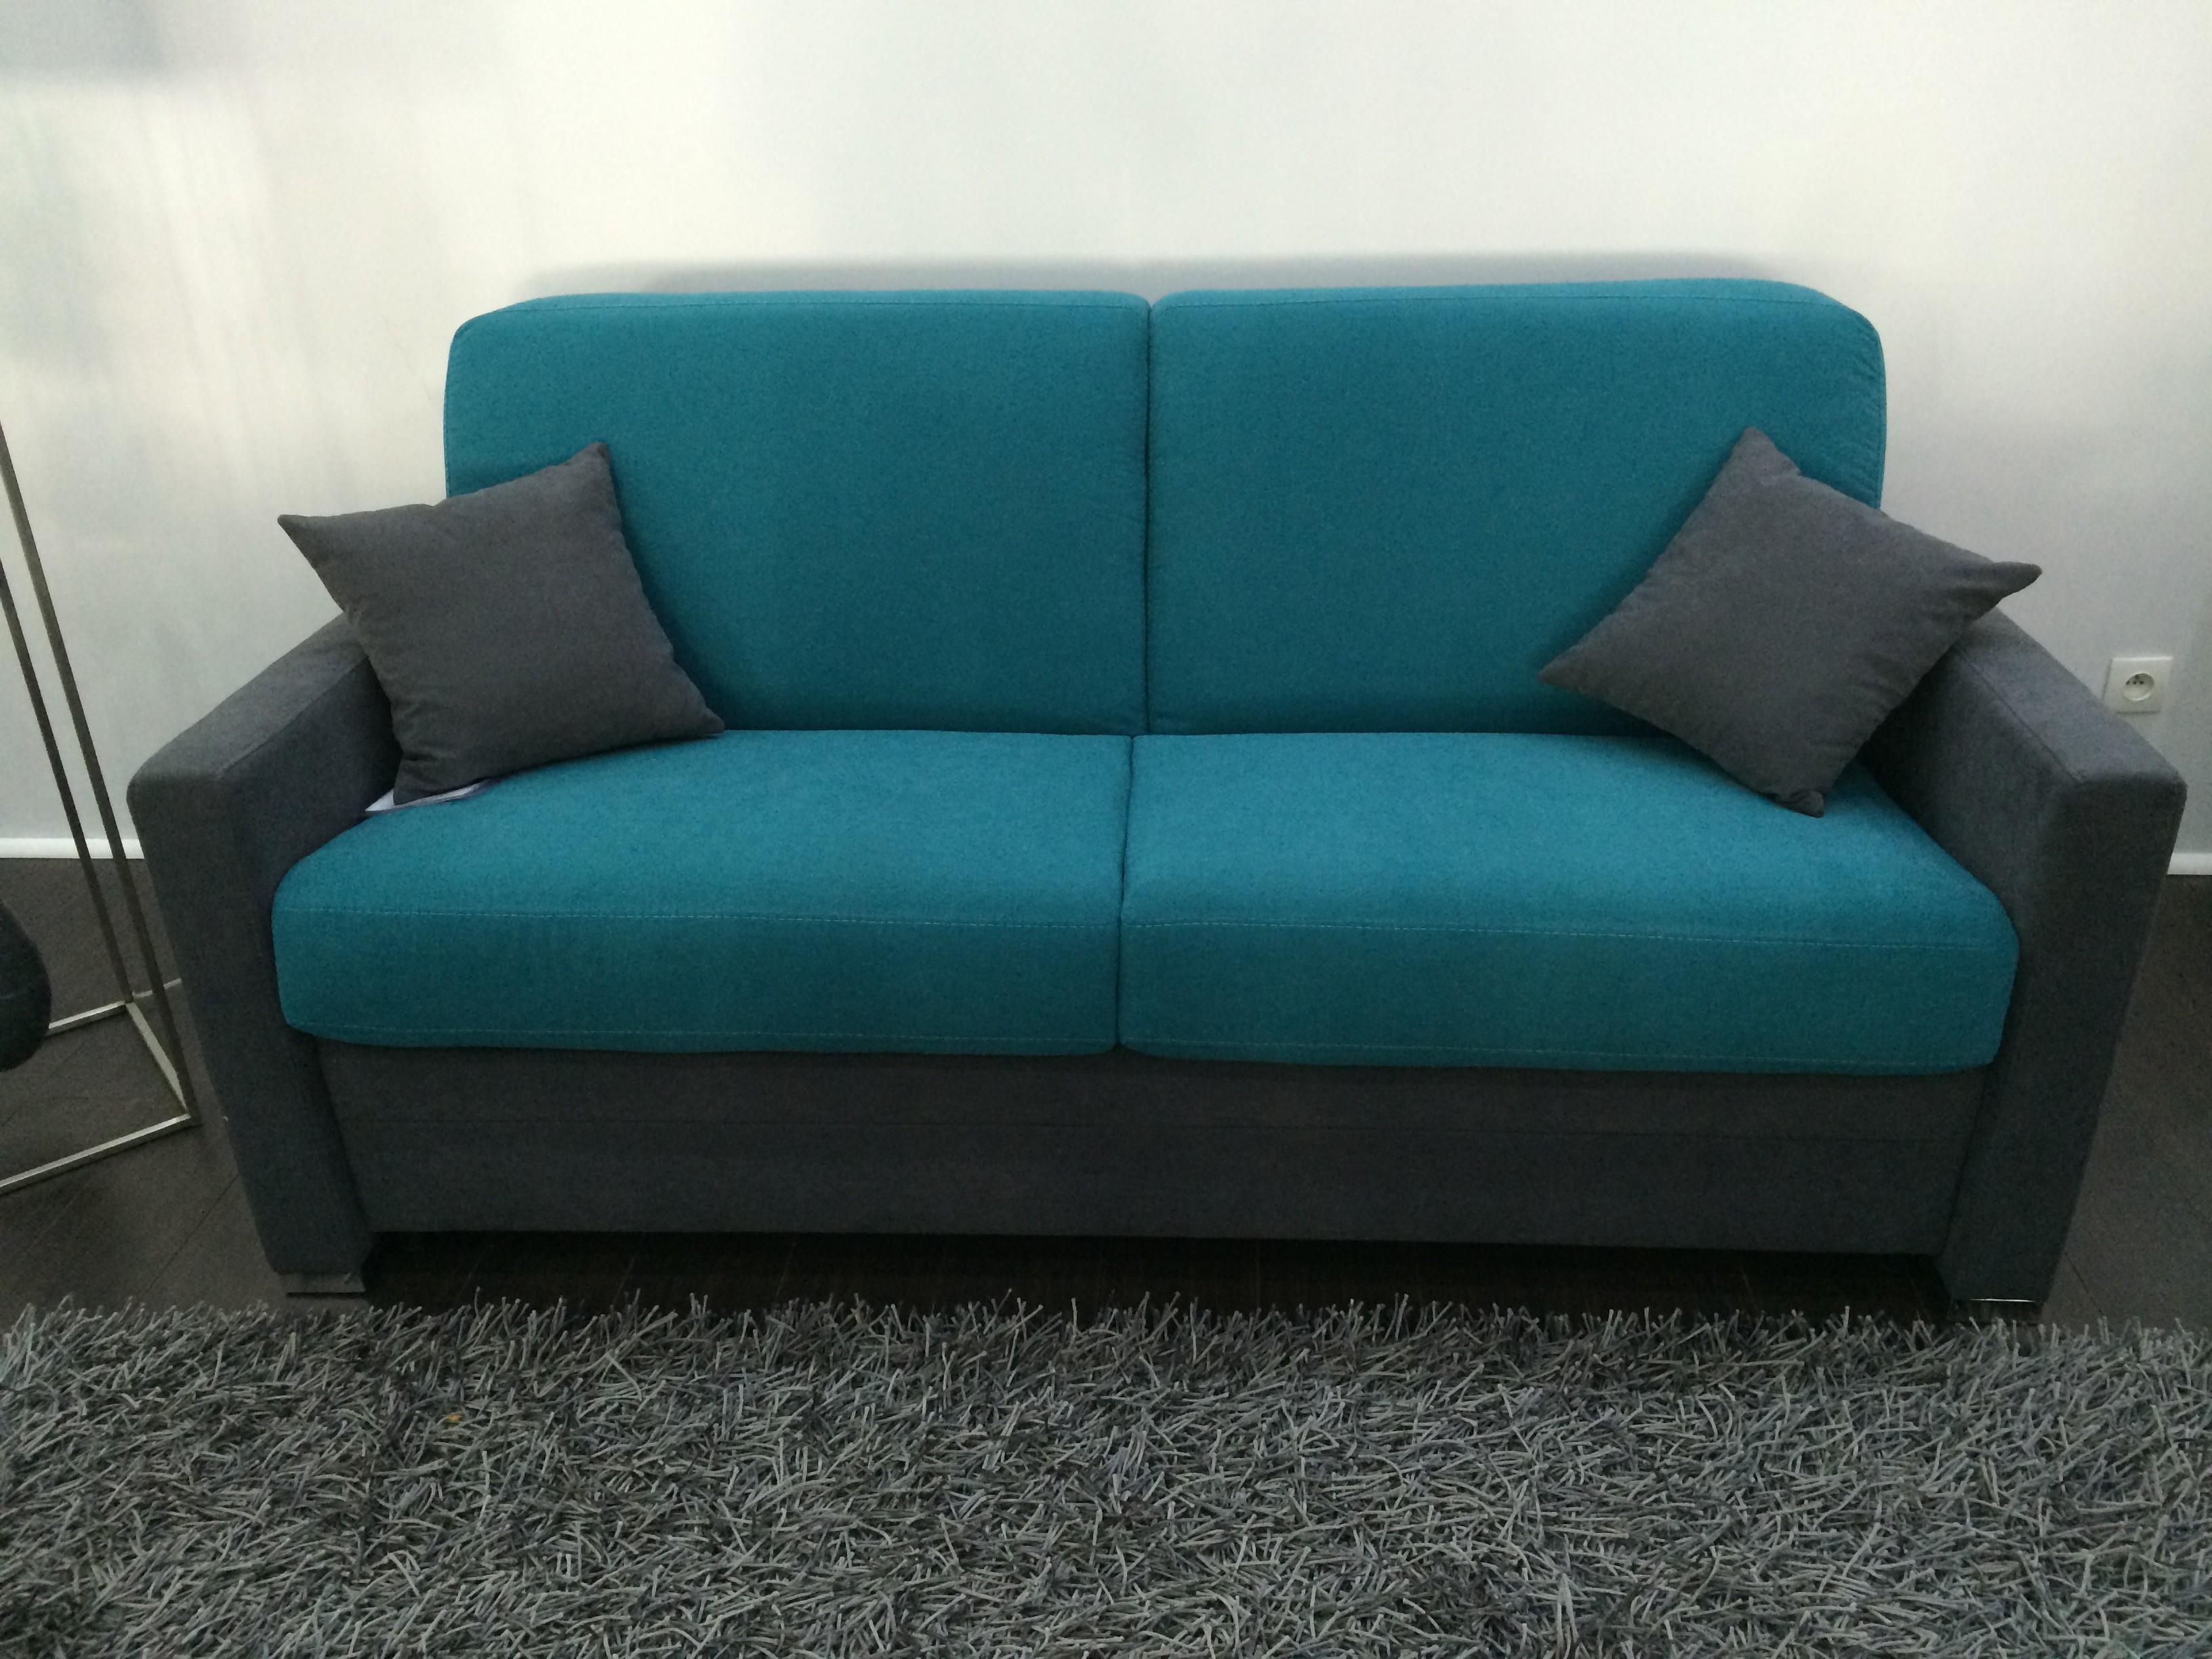 canap convertible diva ascot canap id es de d coration de maison d6lewmwbbp. Black Bedroom Furniture Sets. Home Design Ideas